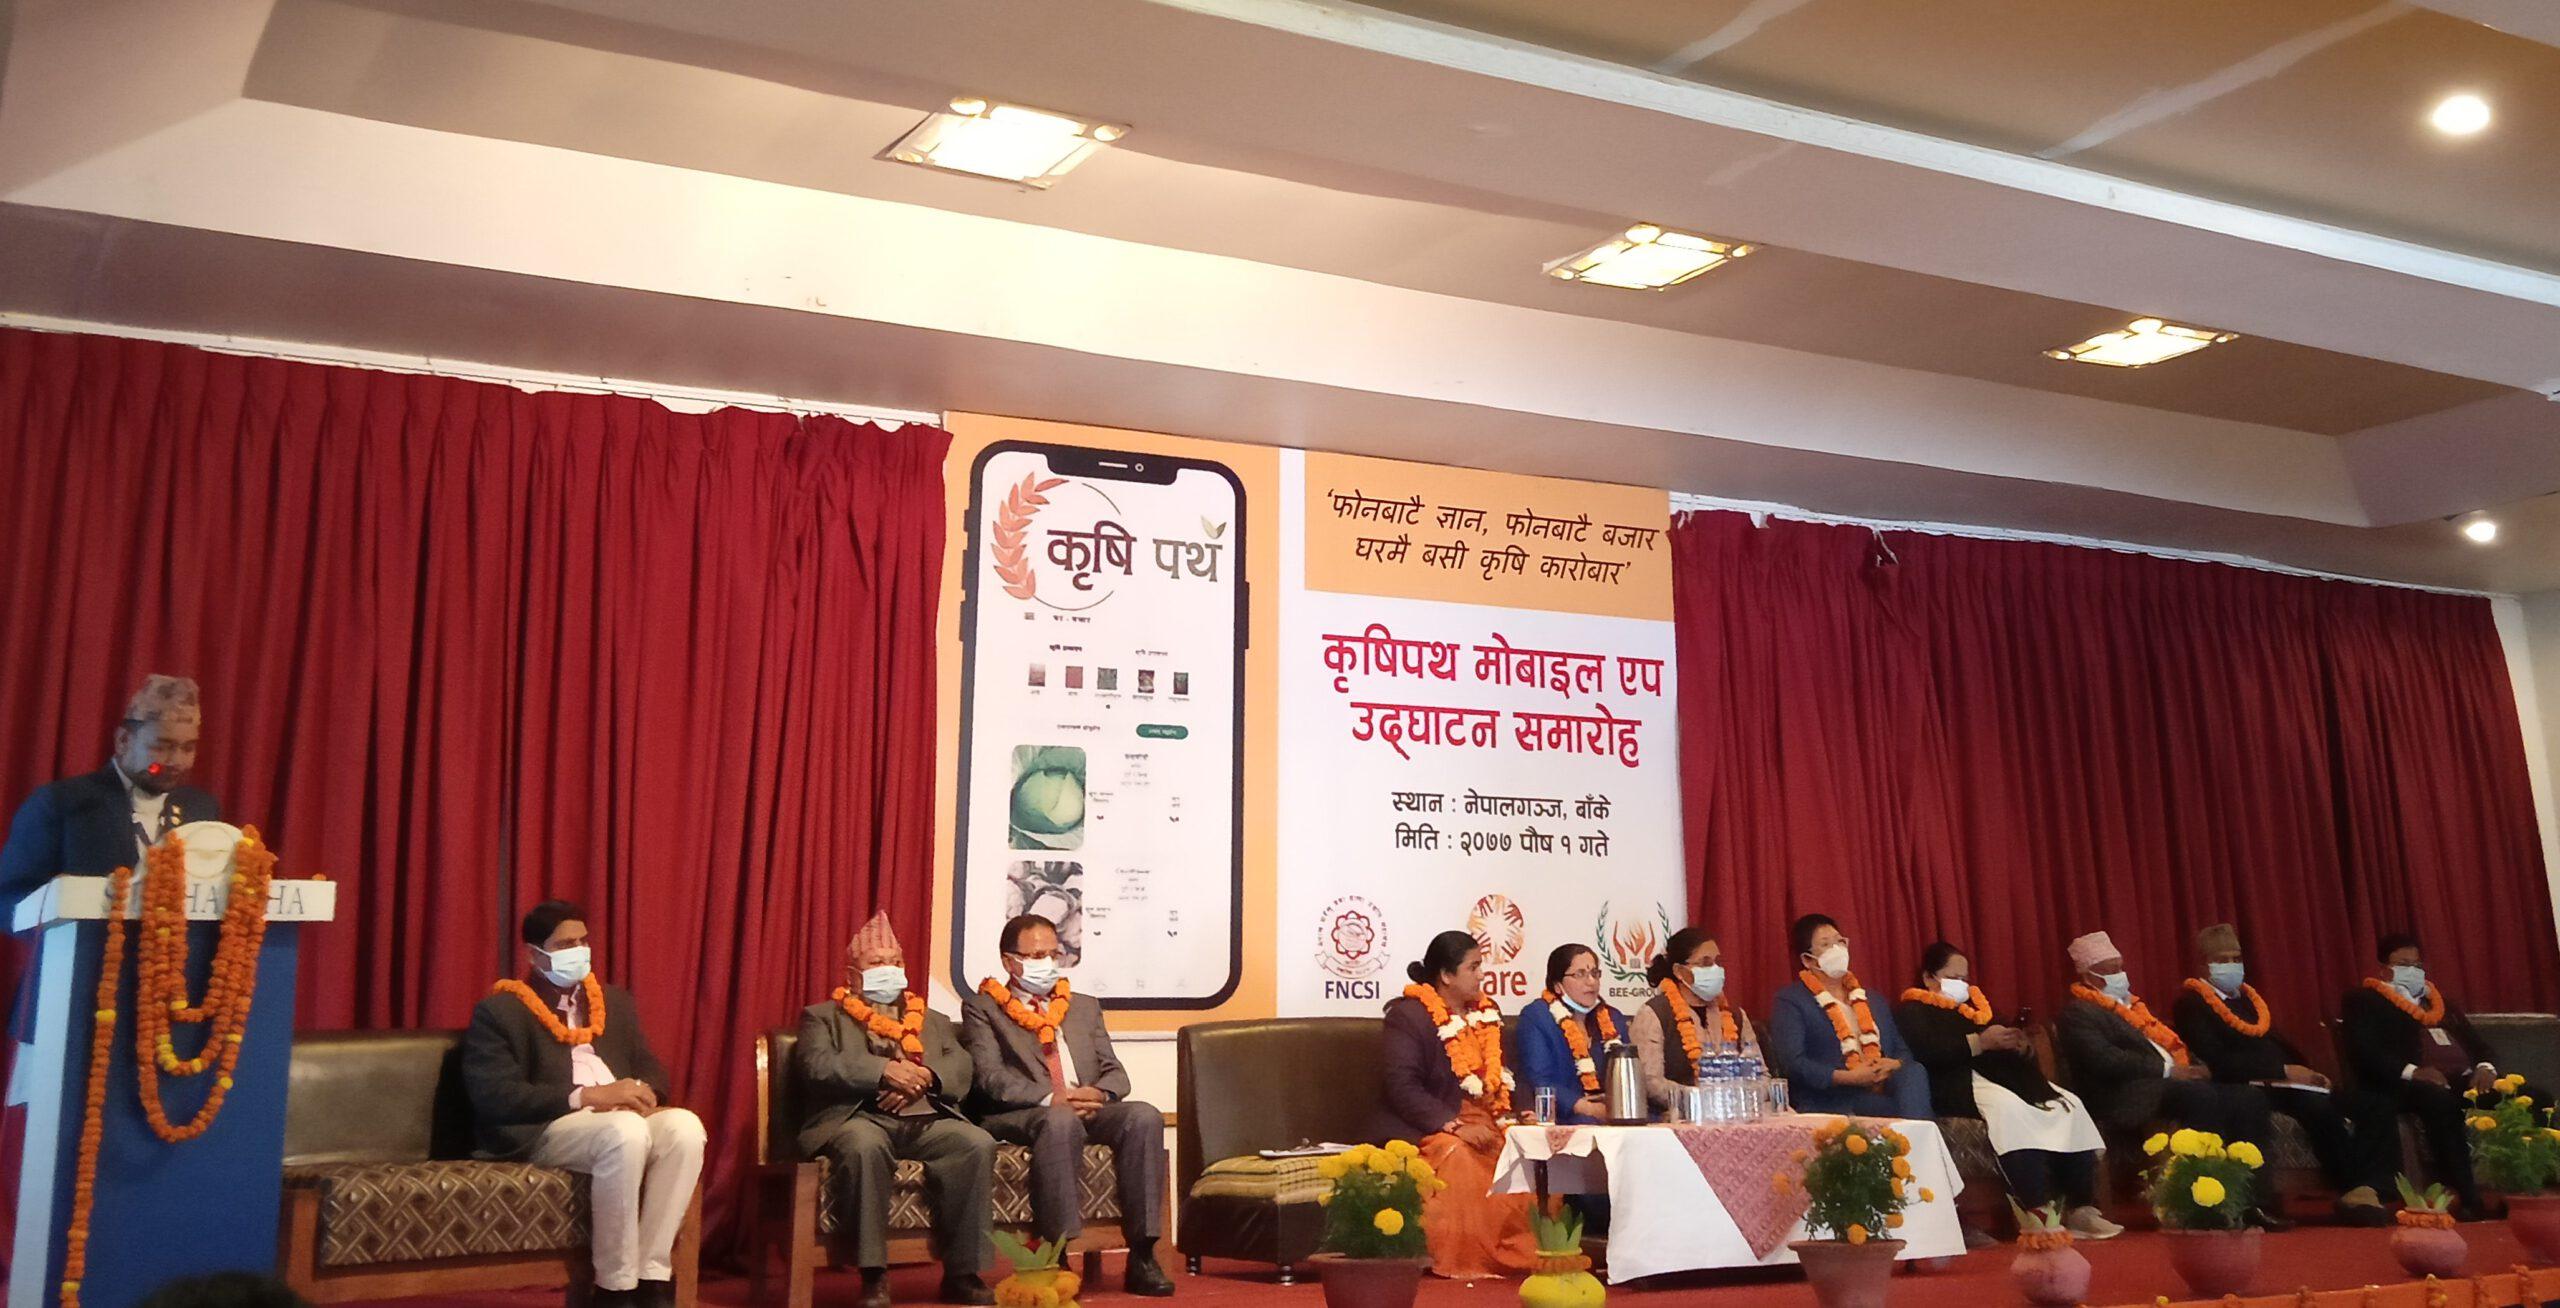 कृषक र ब्यवासायिलाई जोड्ने माध्यमका रुपमा कृषि पथ मोबाइल एप